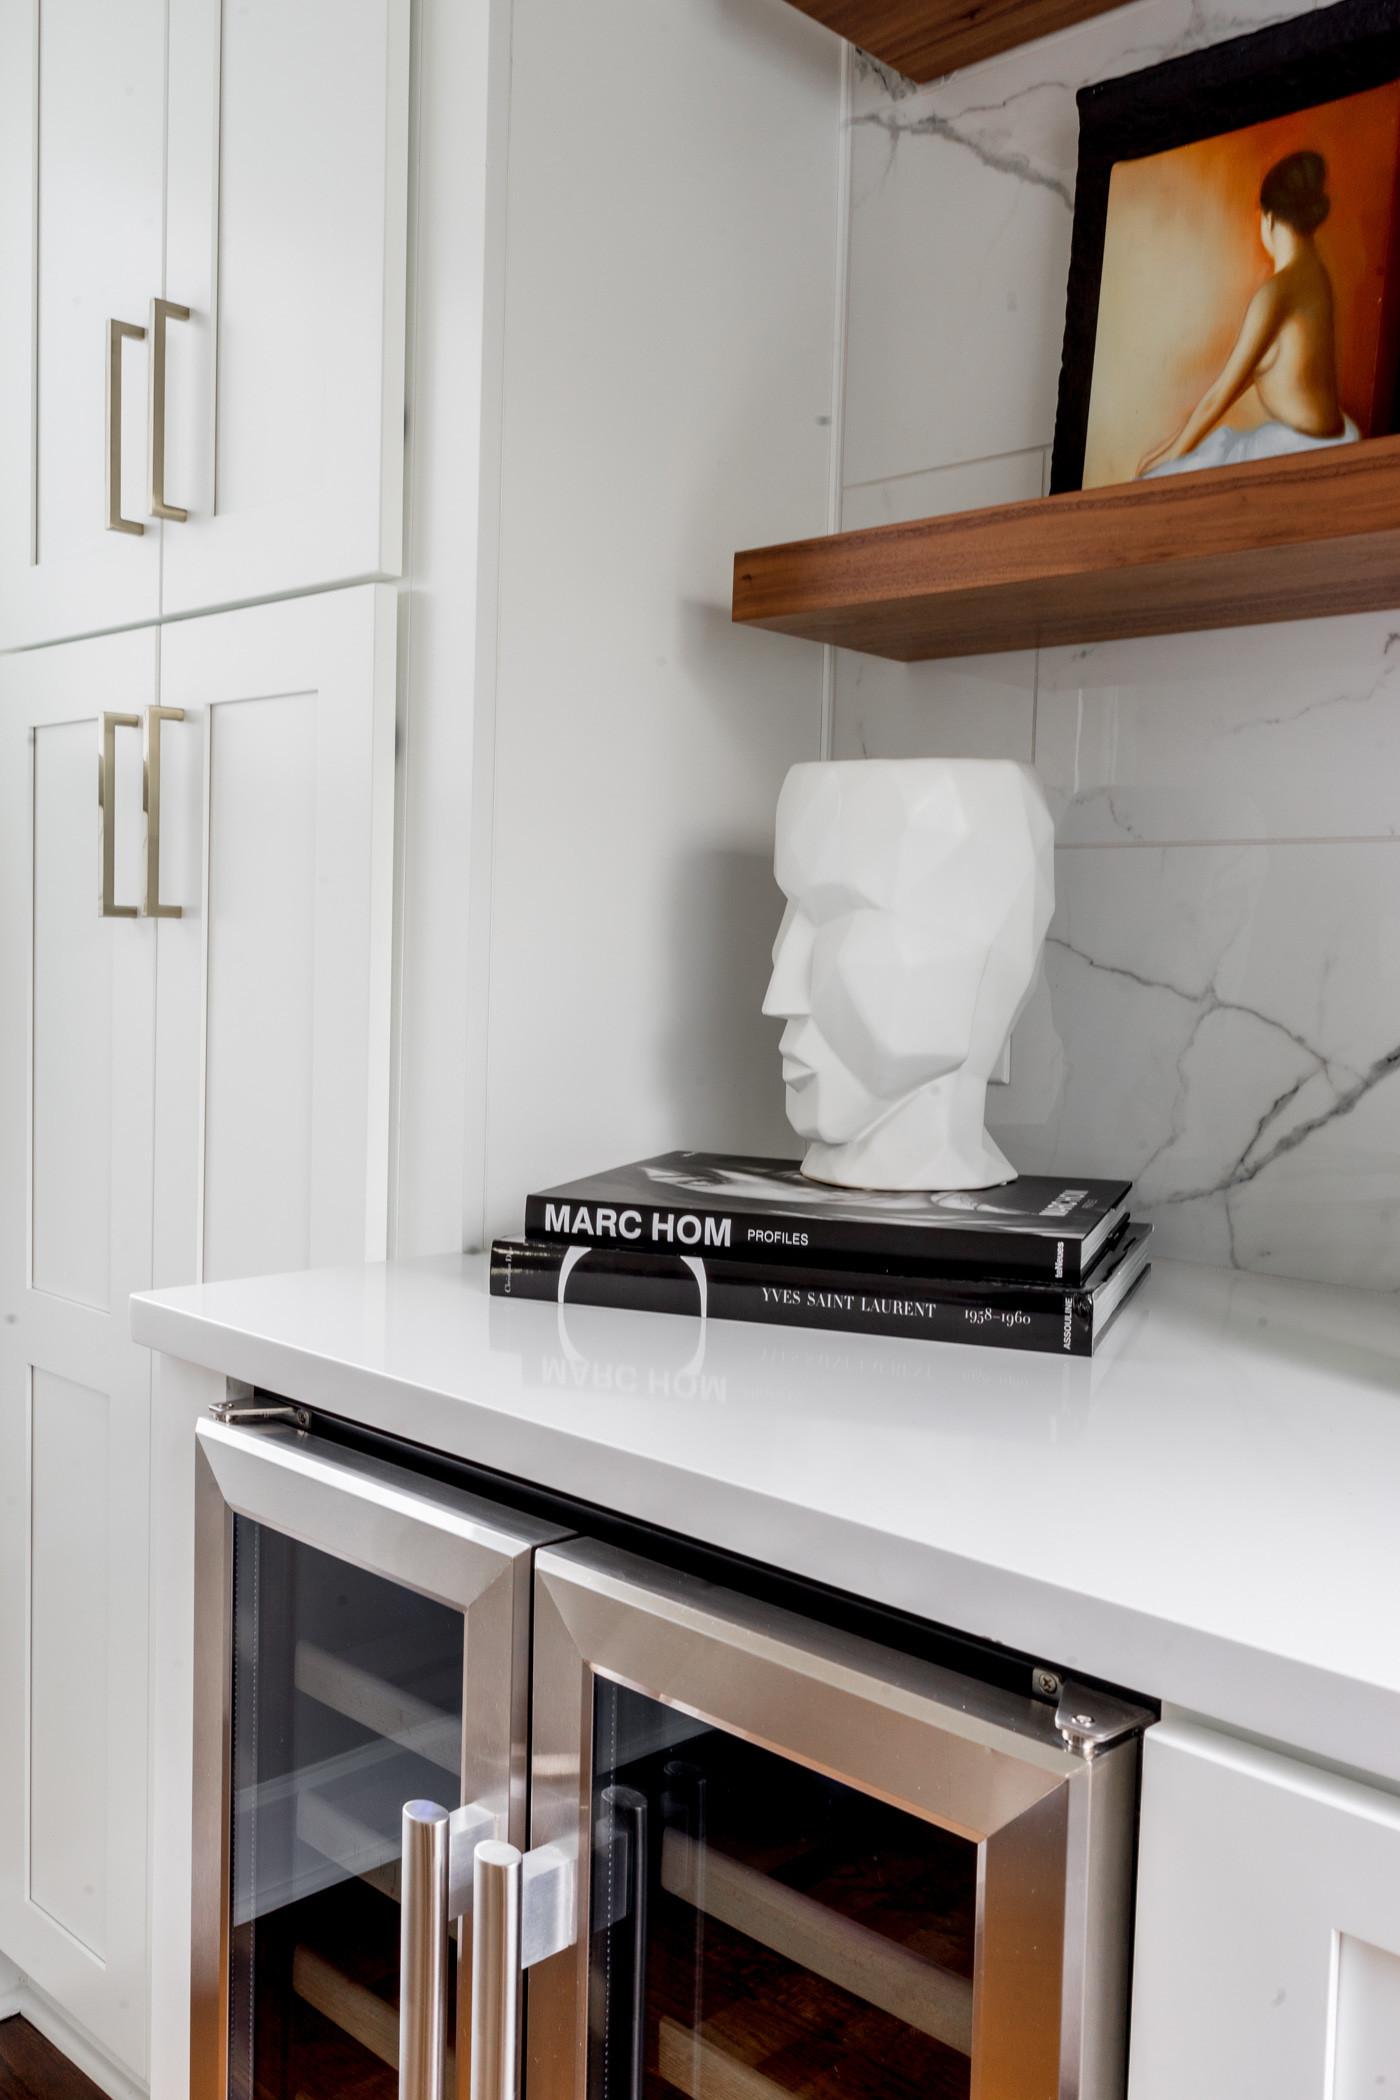 Edgewood White modern kitchen